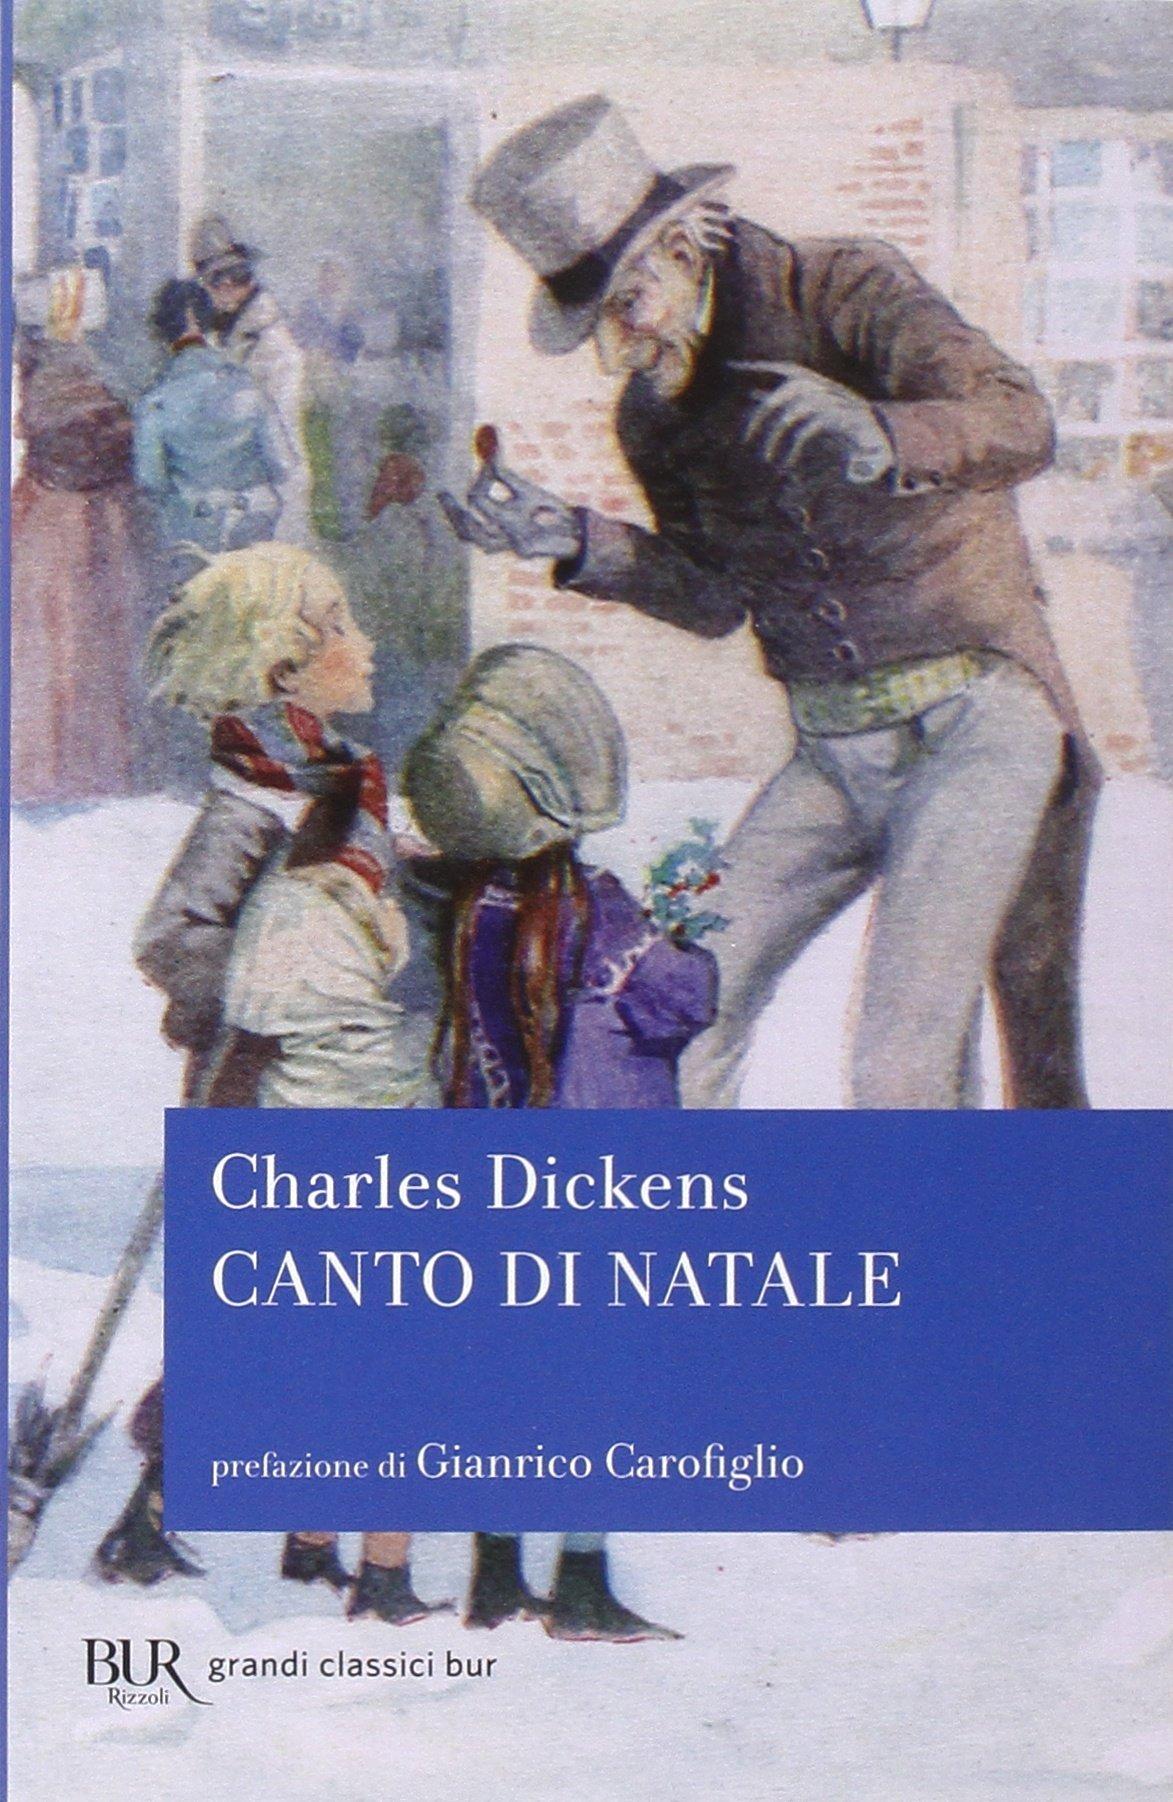 Canto Di Natale Immagini.Amazon It Canto Di Natale Charles Dickens M L Fehr Libri